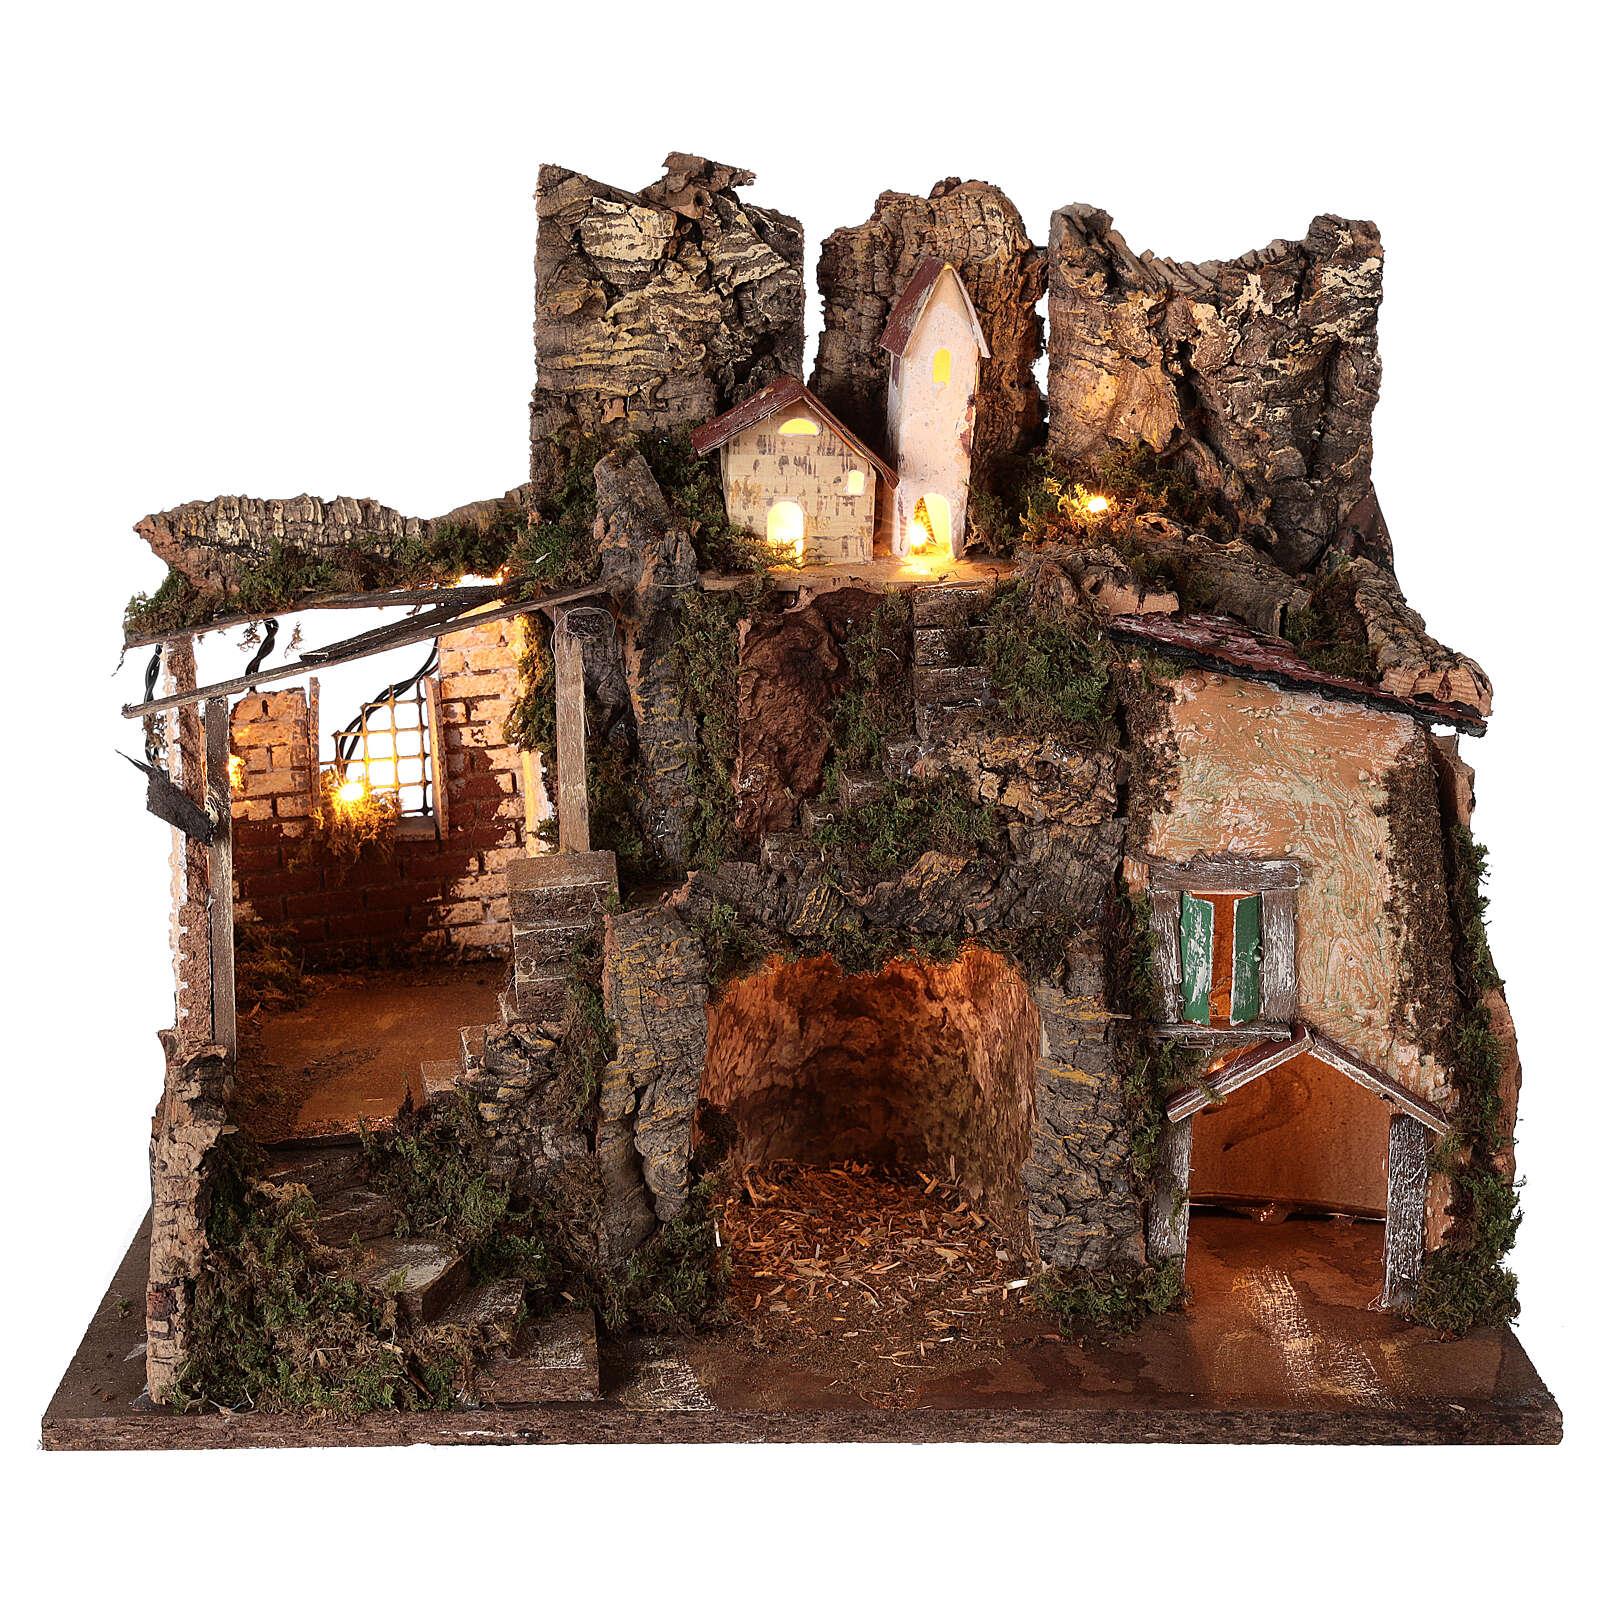 Village grotte Nativité 10 cm maisons montagne 40x45x30 cm 4